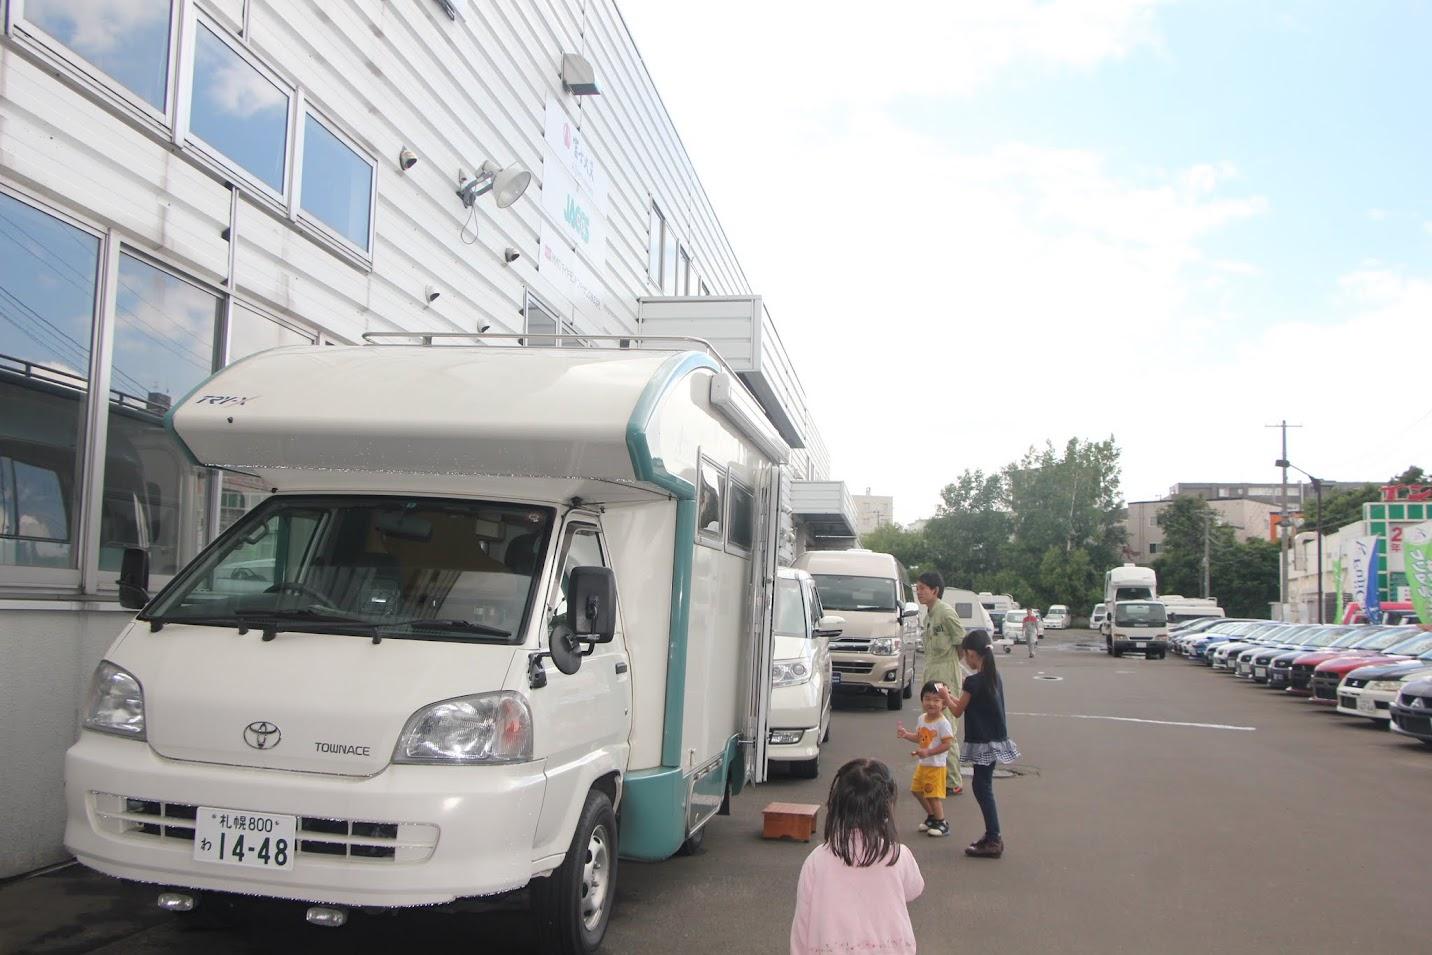 北海道露營車之旅:露營車的選擇&心得 @ 娃娃魚的自言自語 :: 痞客邦